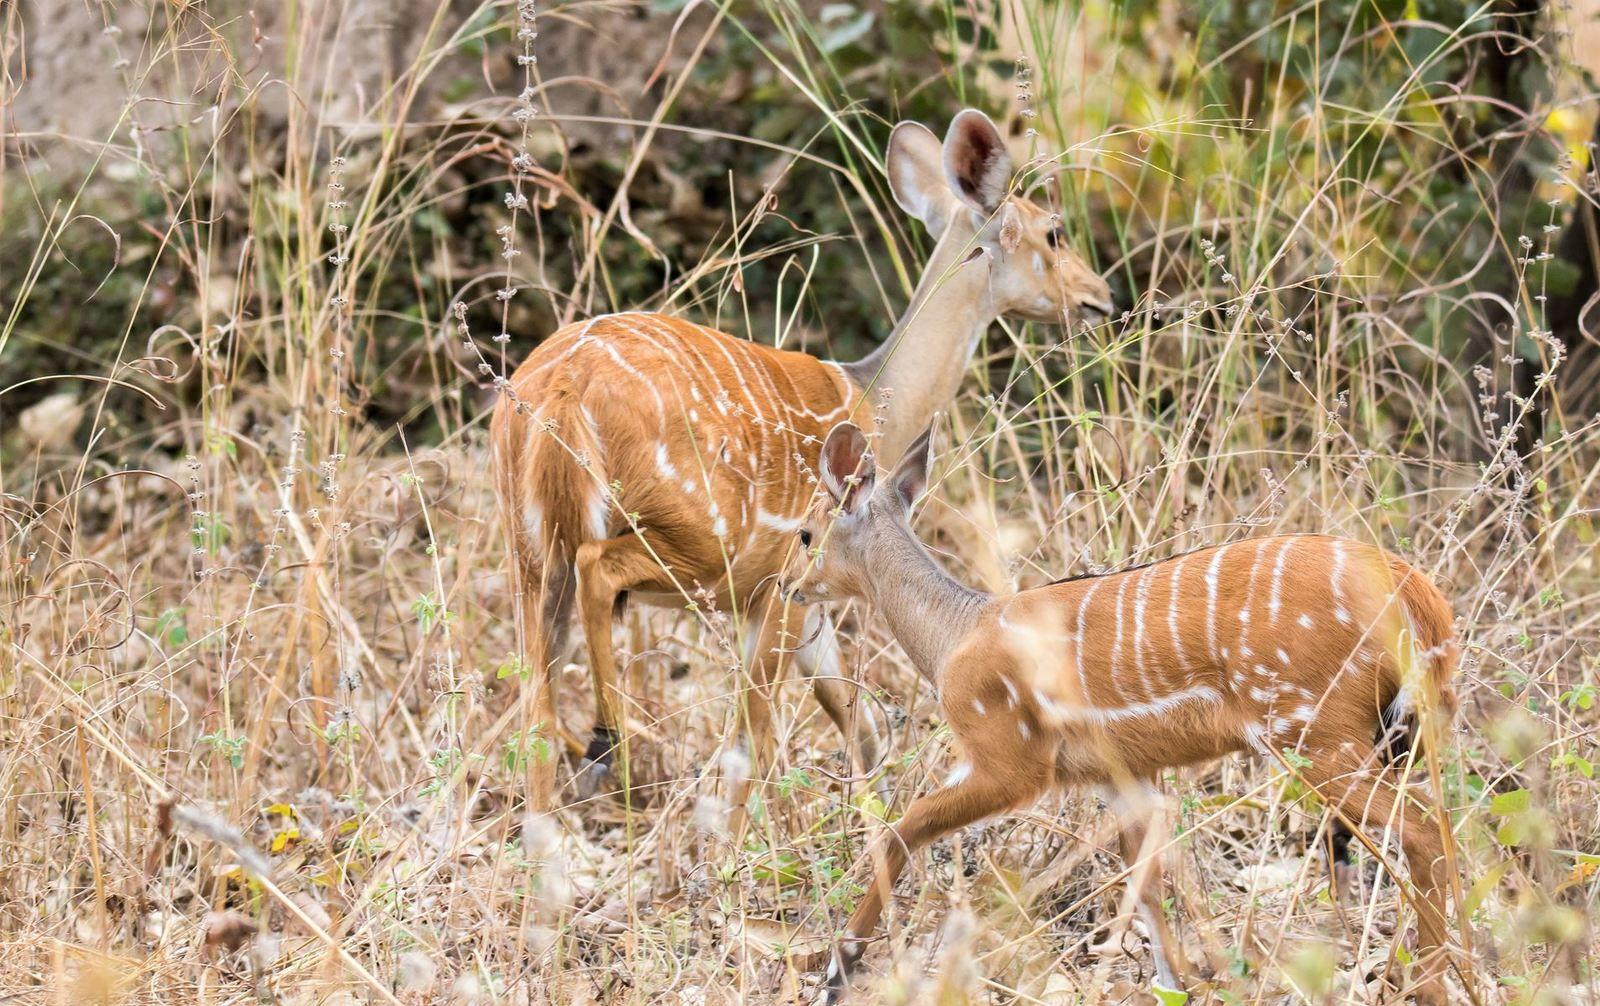 Il vit dans les forêts et les territoires d'arbustes en Afrique centrale et méridionale. Il est étroitement apparenté au koudou, au sitatunga et au bongo